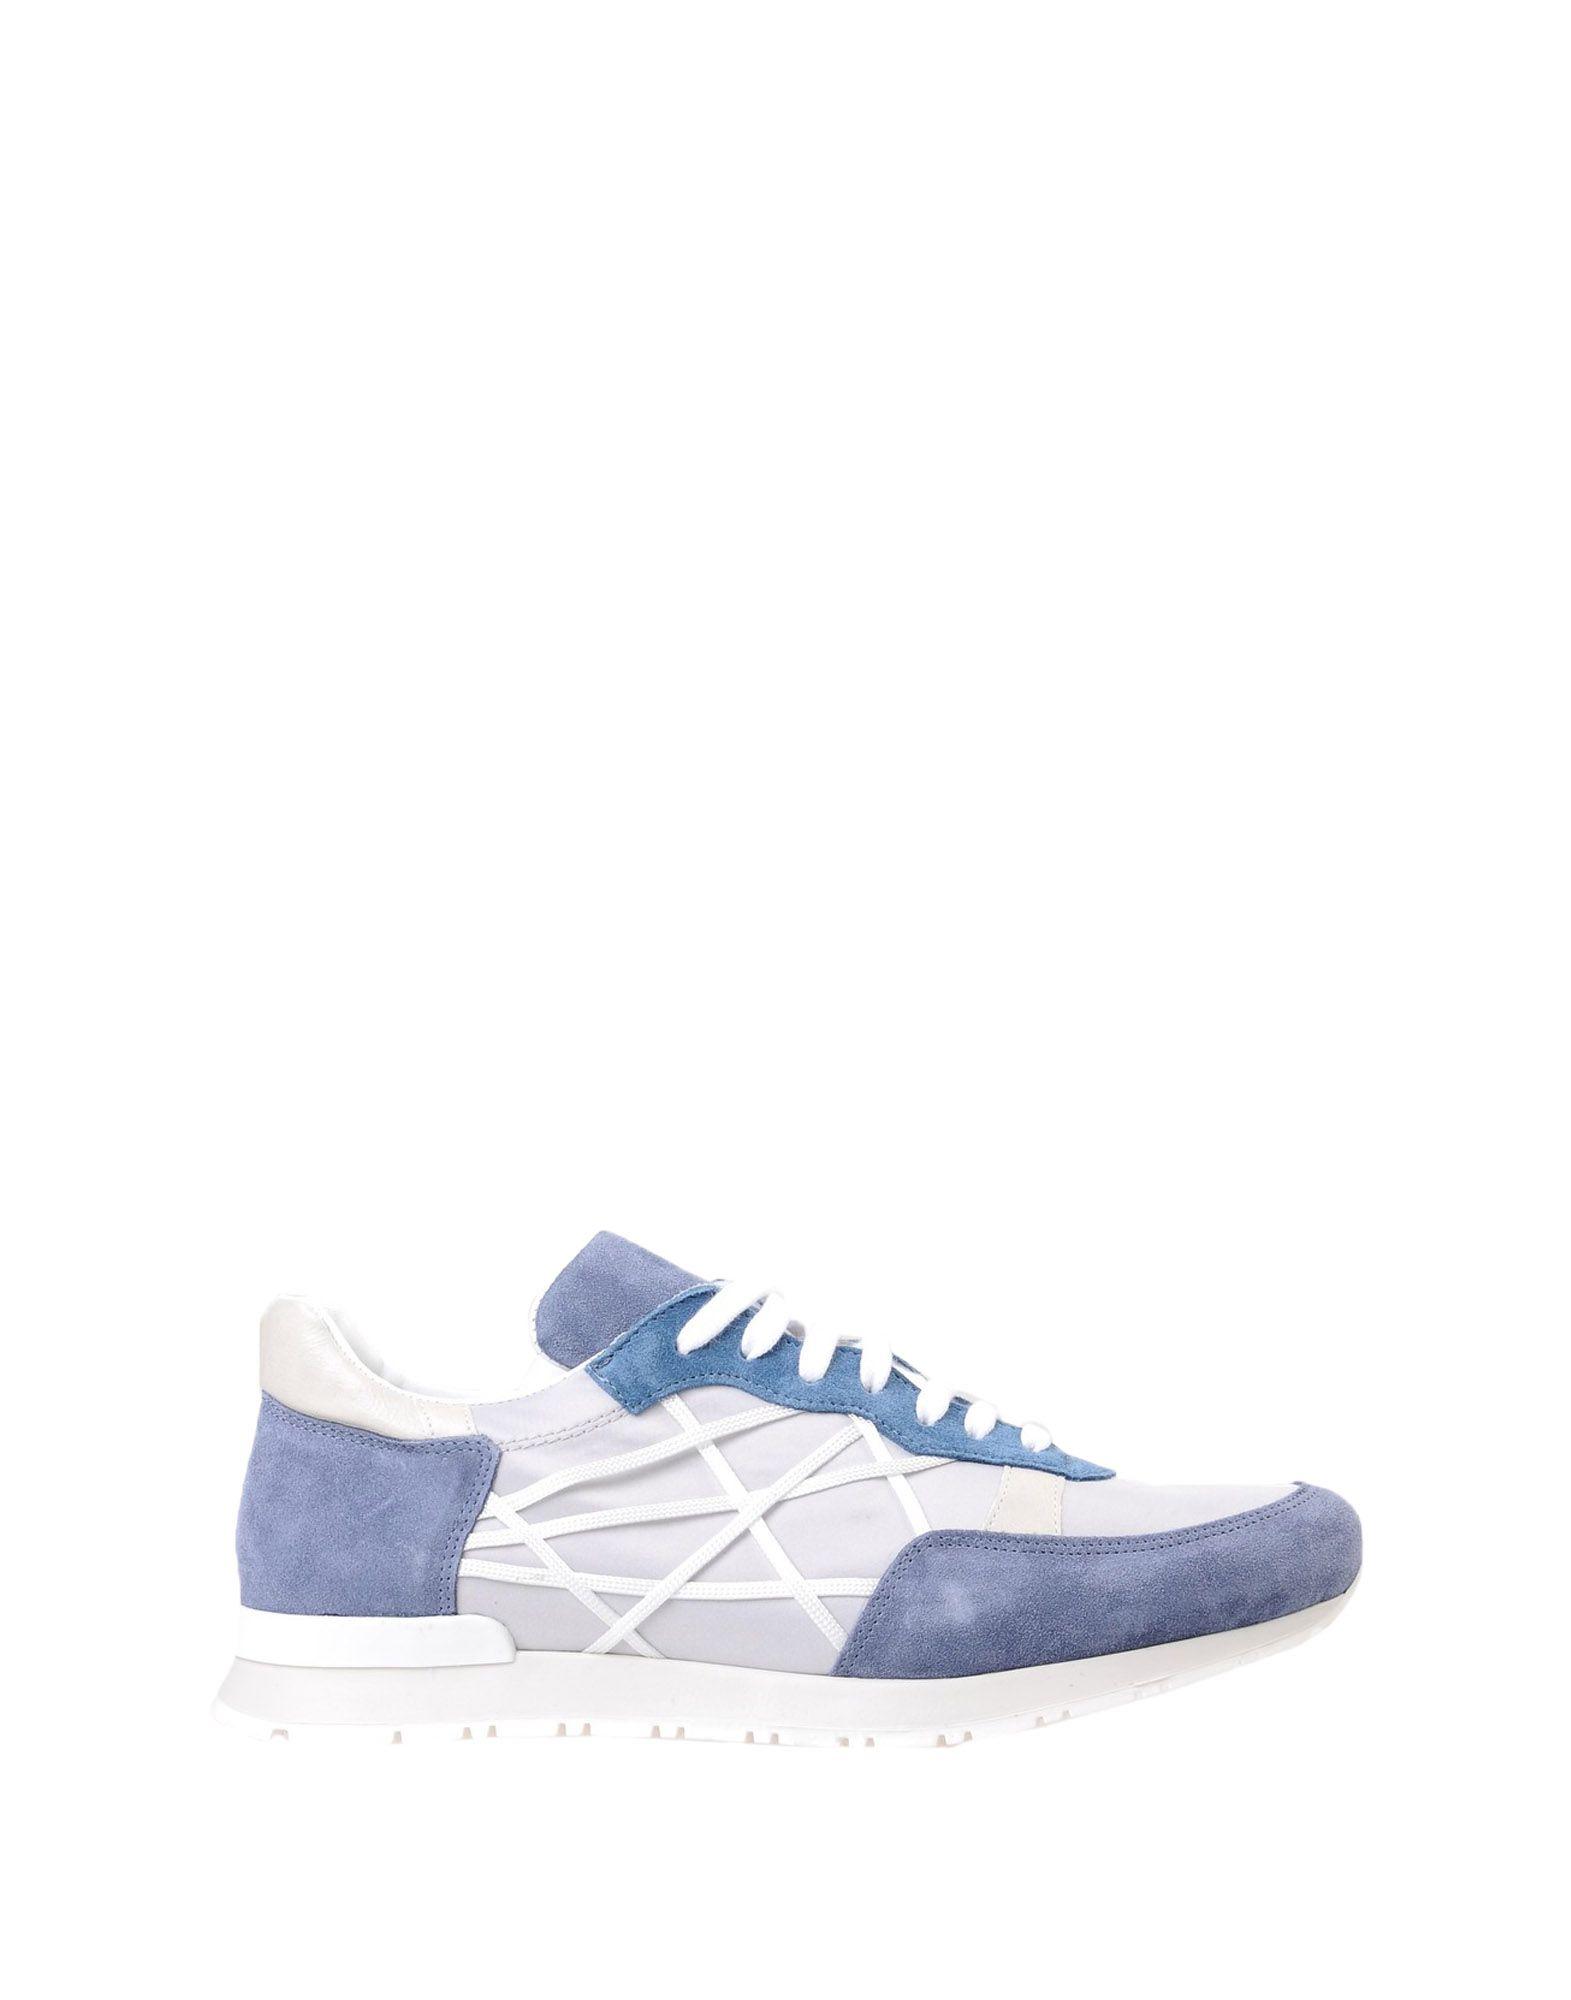 Rabatt echte Schuhe L4k3 Mr Big Vintage  11458331SS 11458331SS  a65698